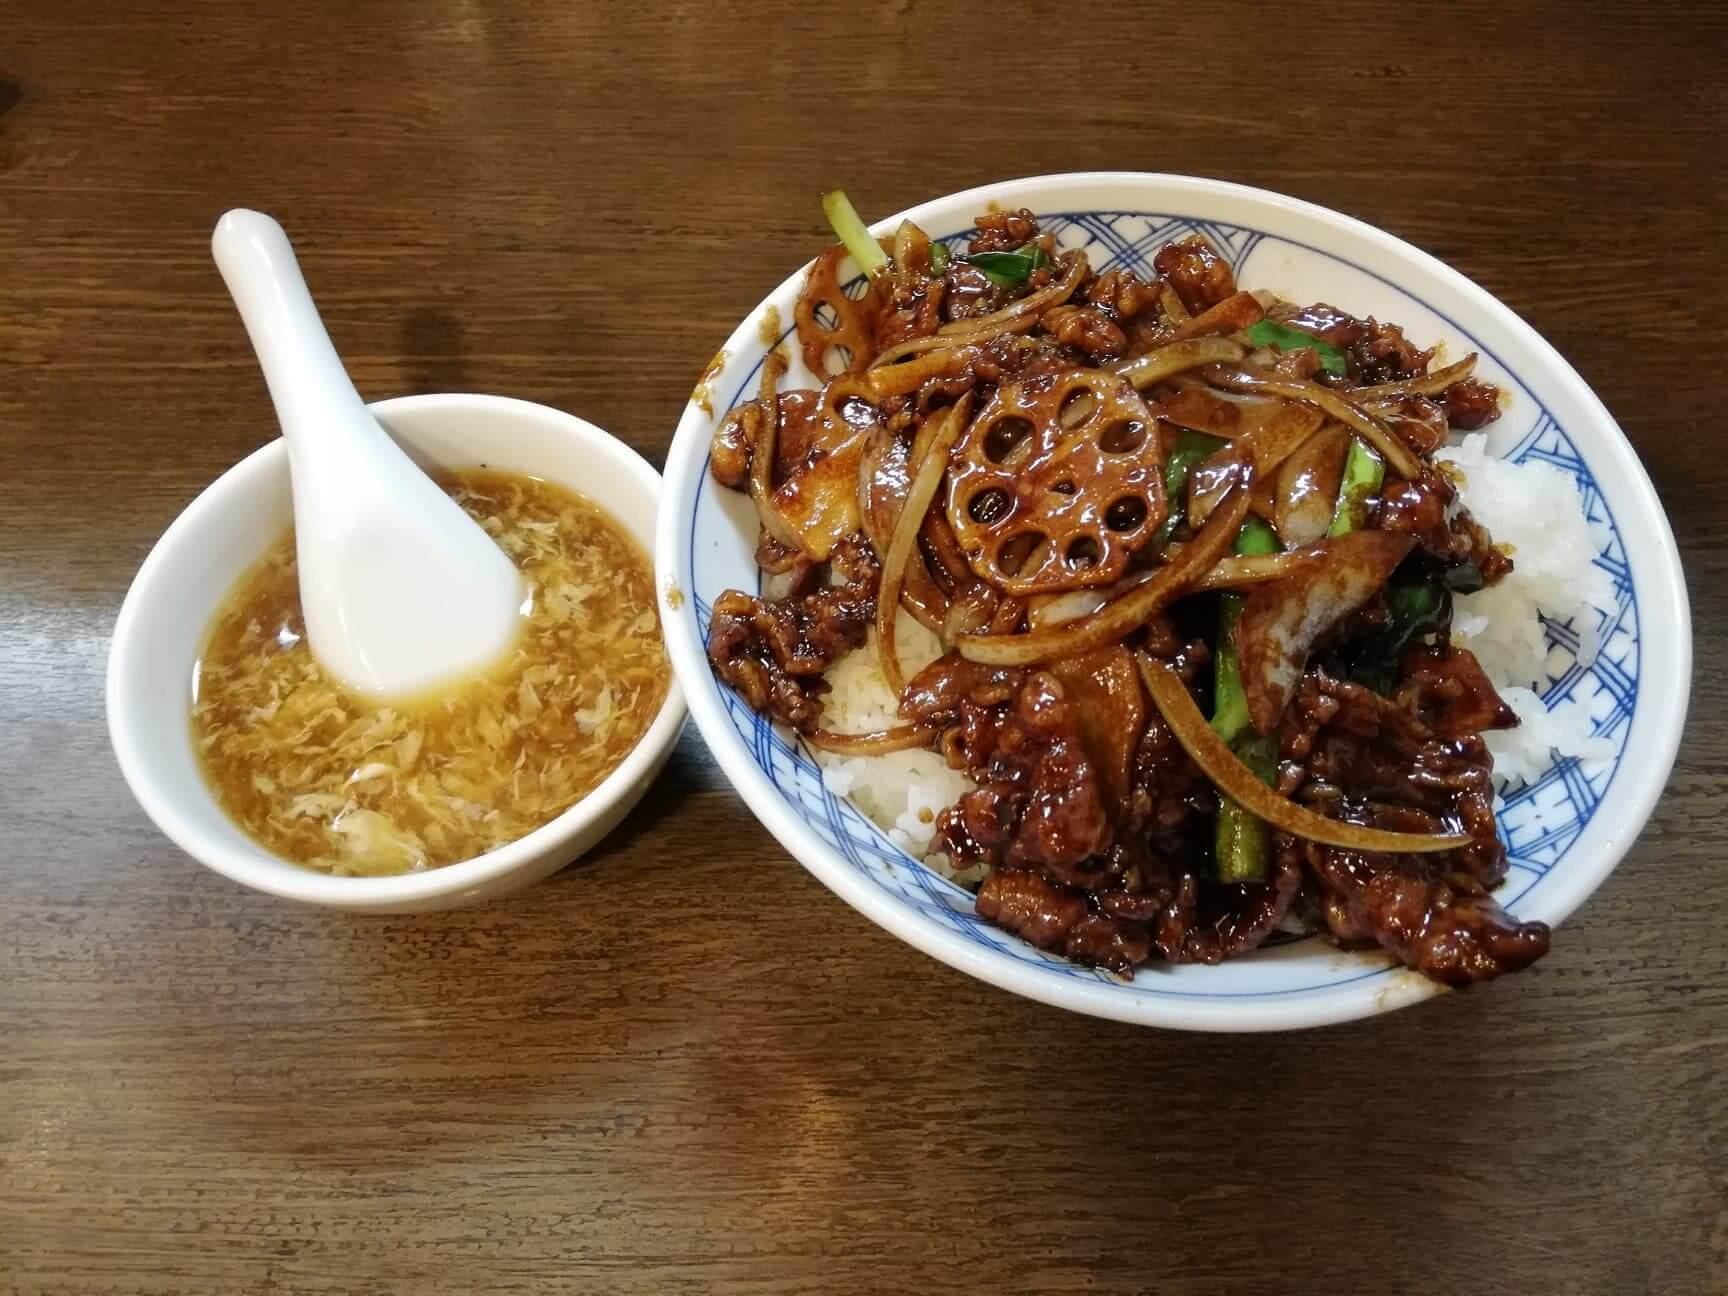 新座『三珍富士力食堂』の牛バラ丼とスープの写真